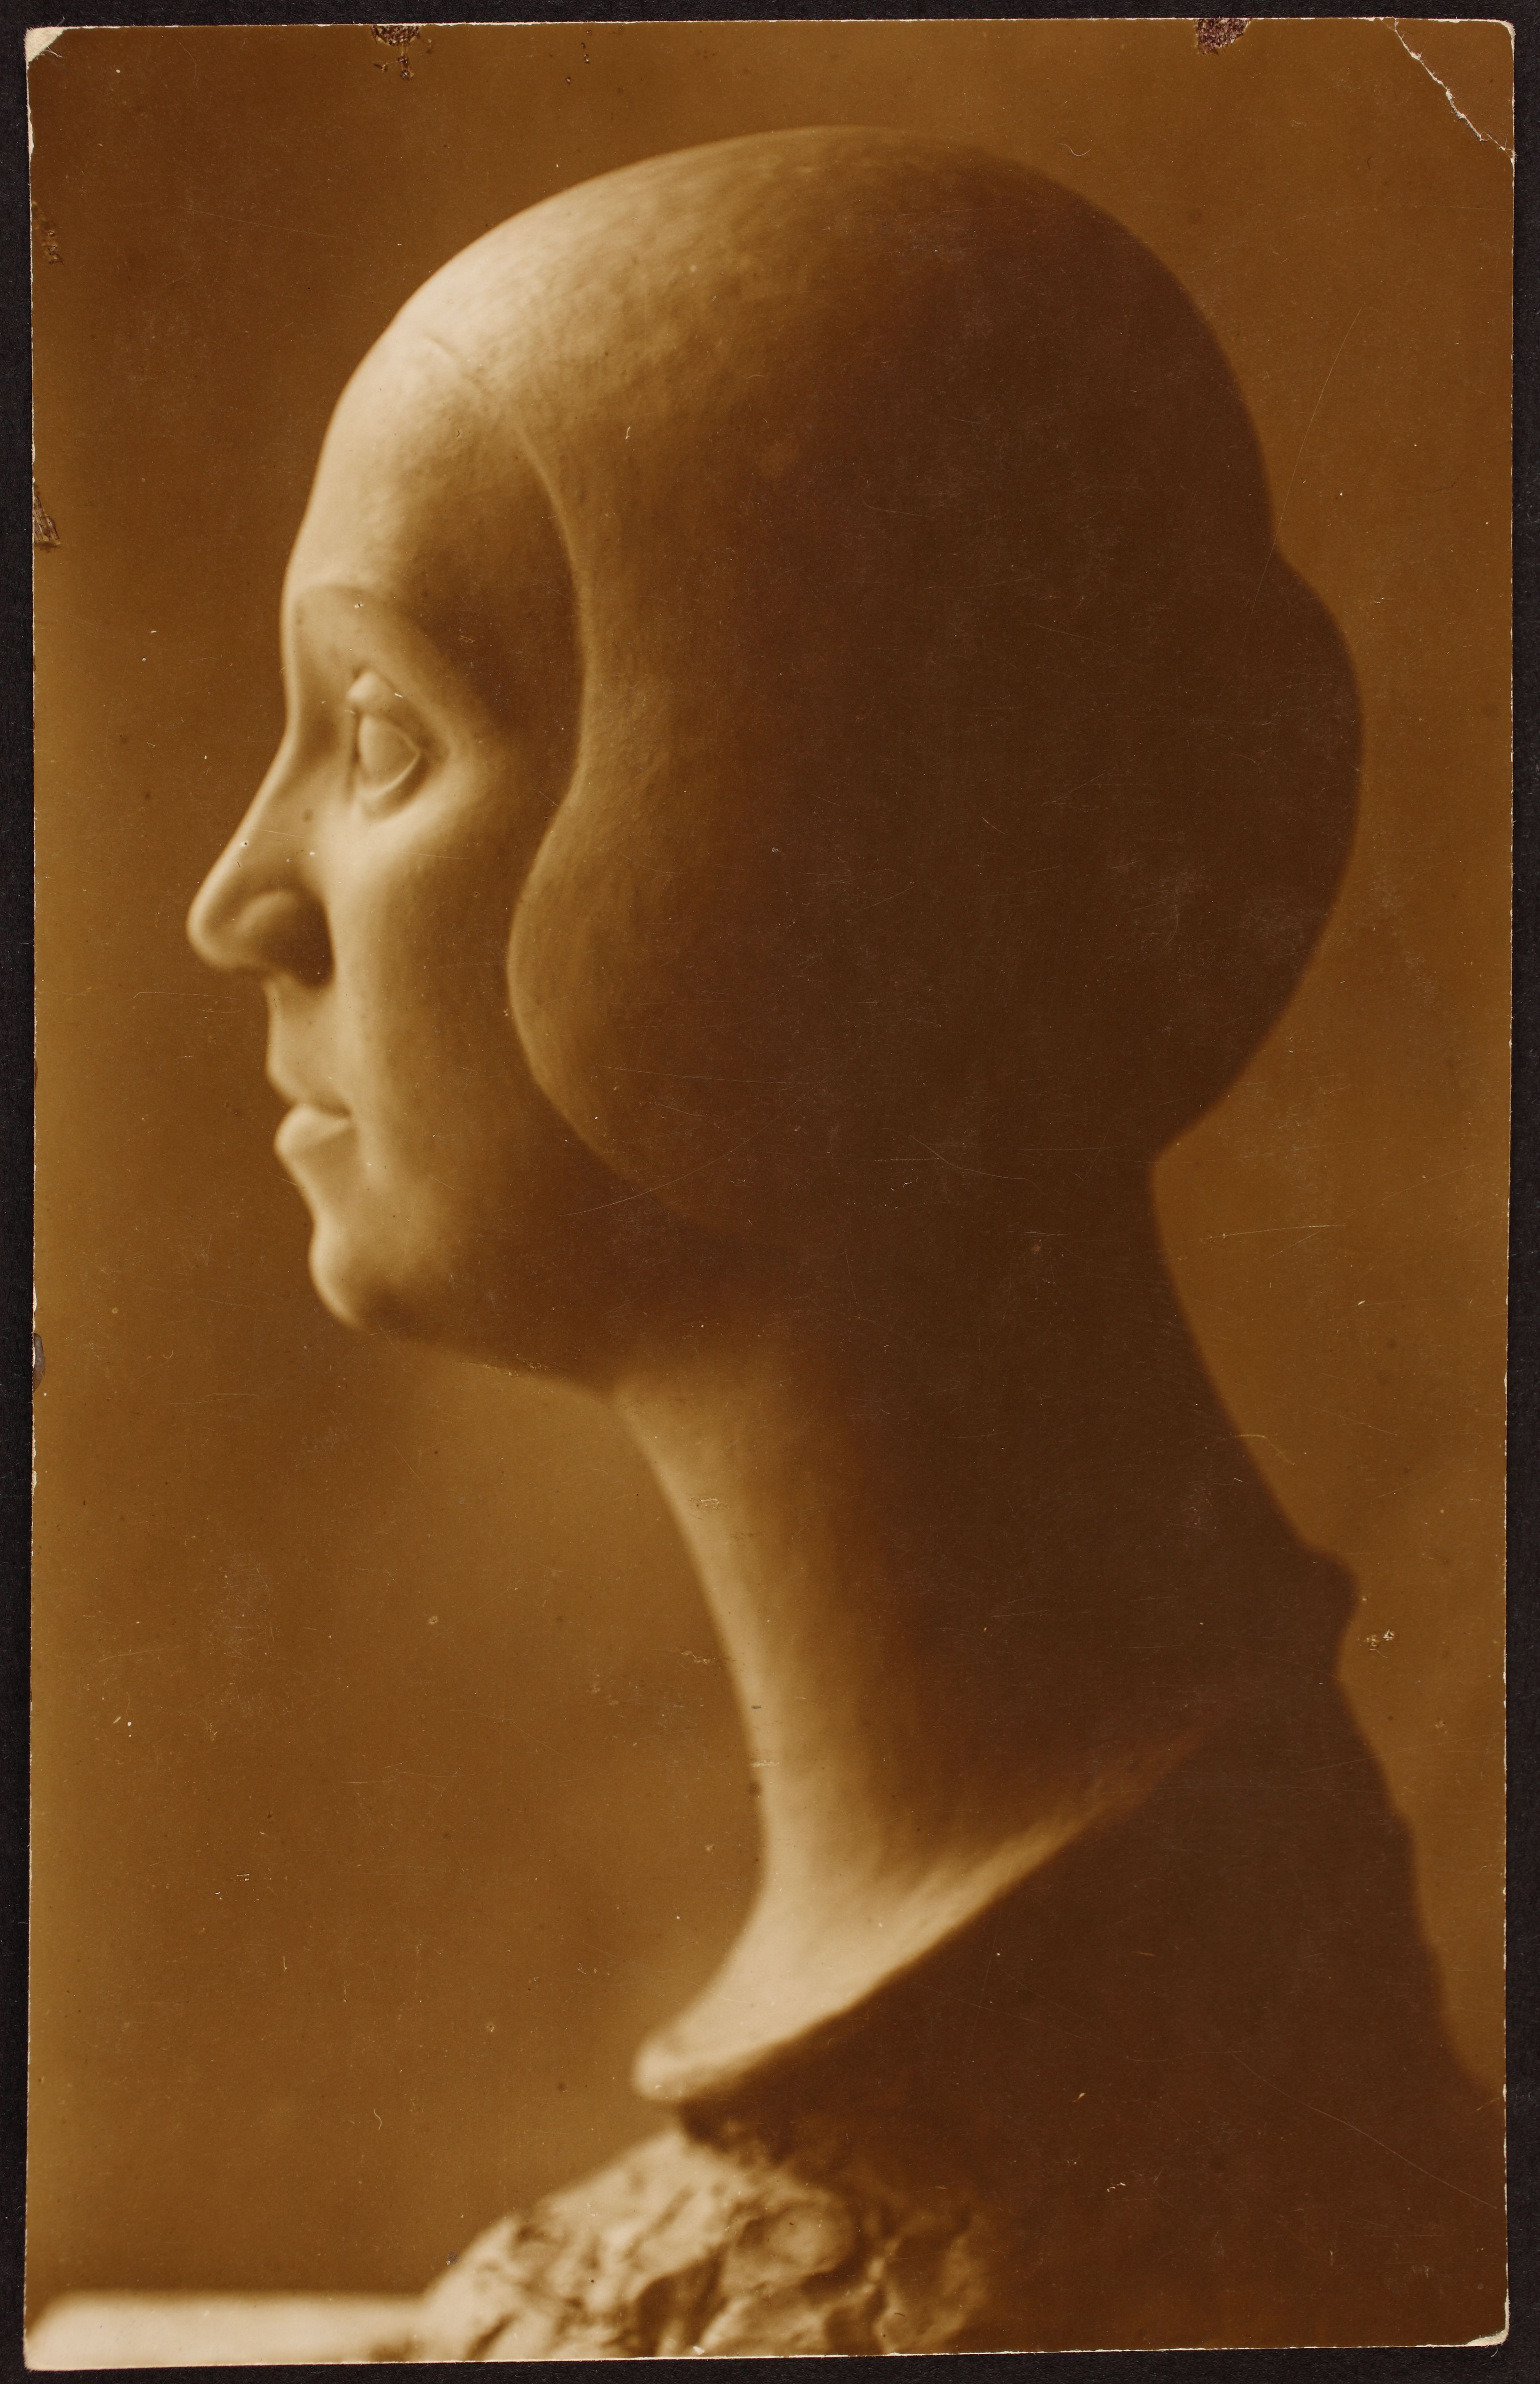 Naise pea, 1925. ERA.R-1903.1.58.56